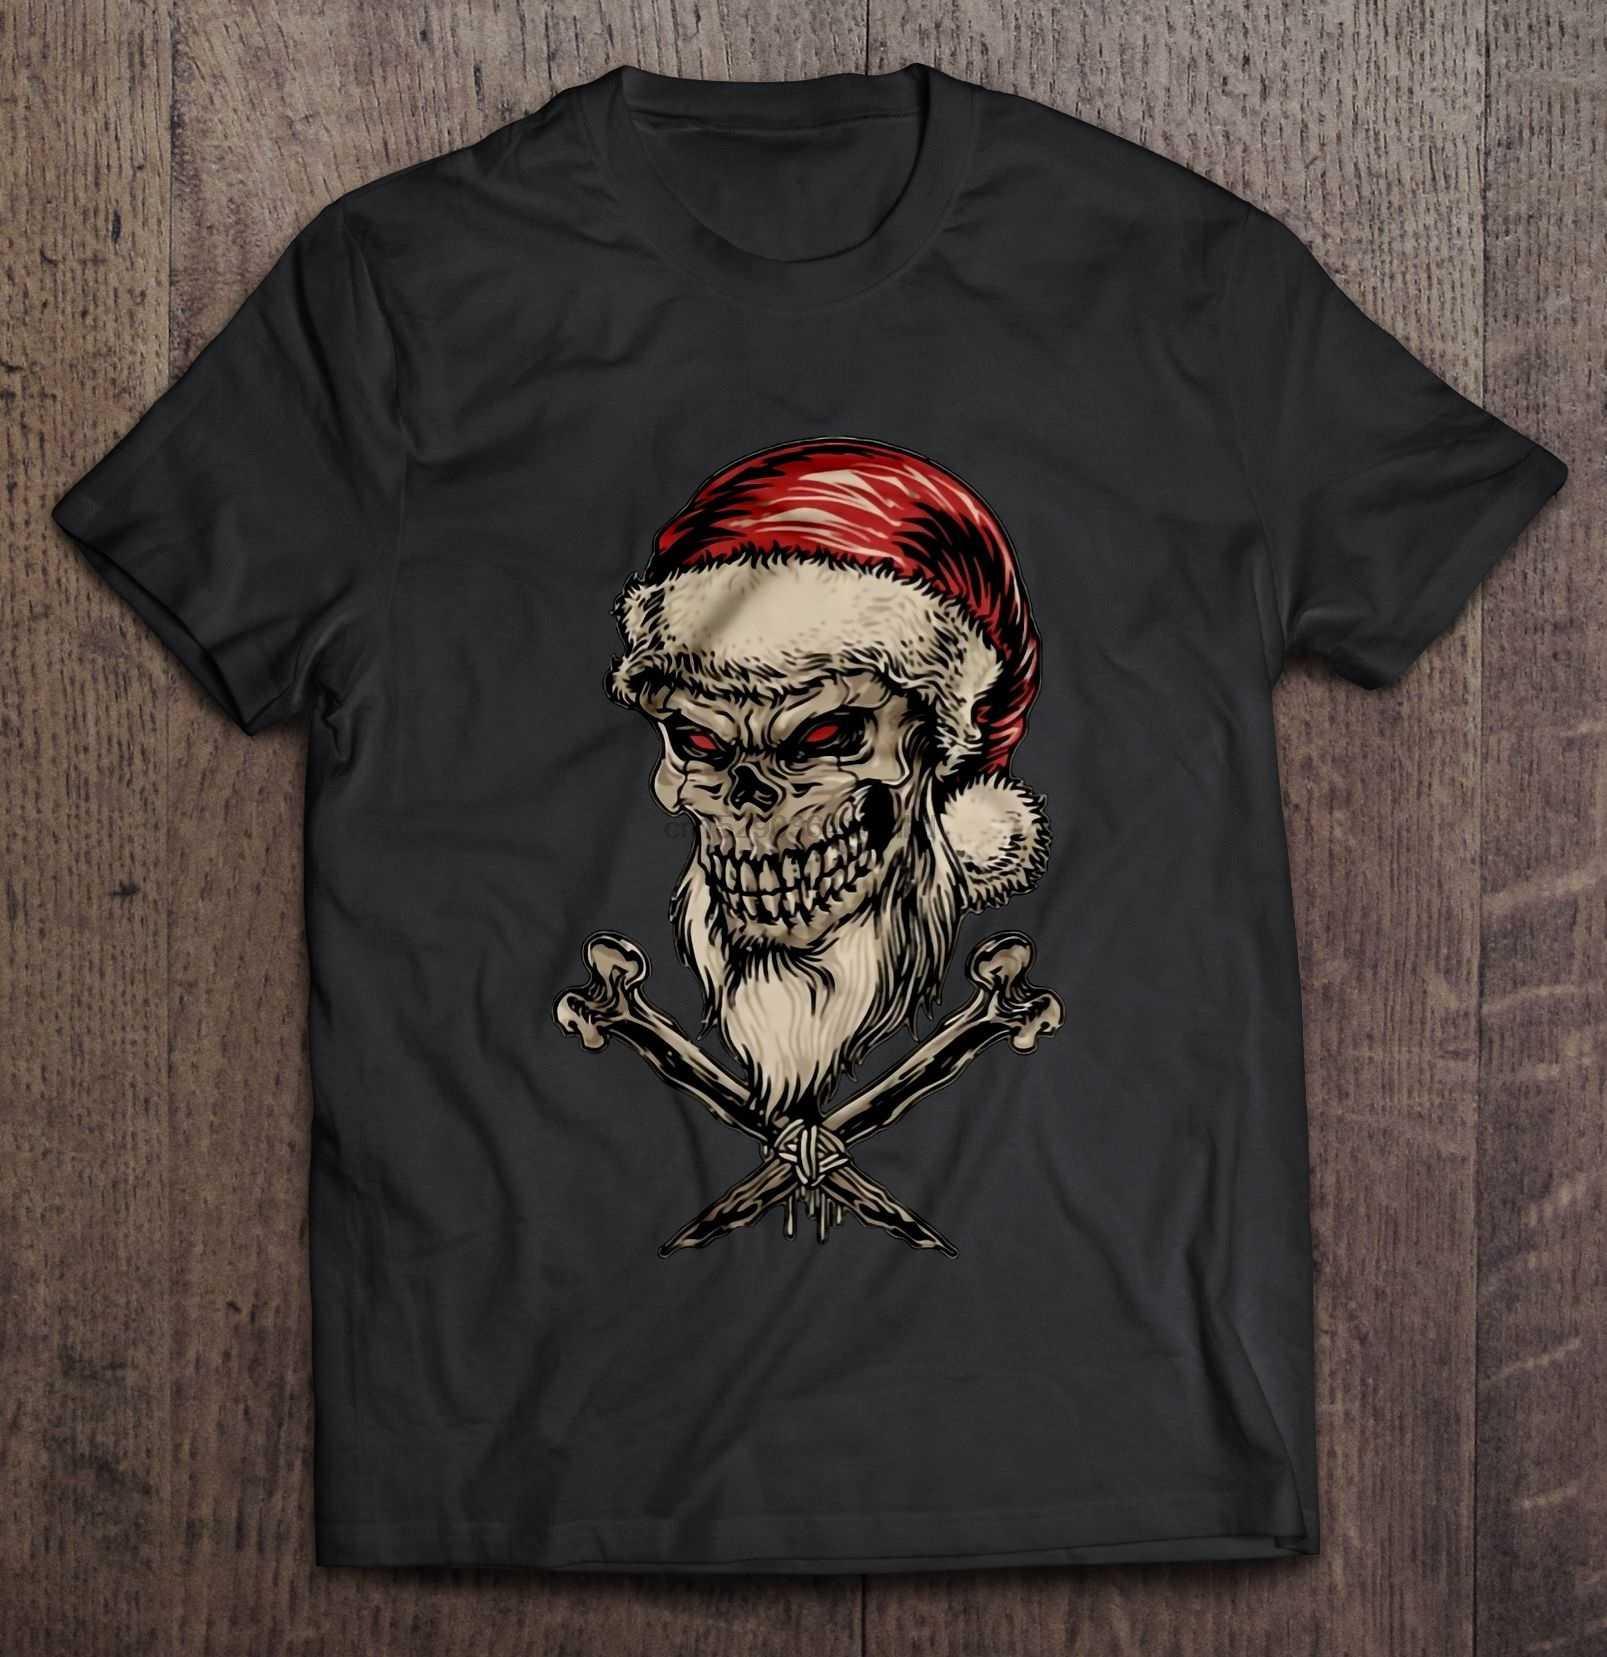 Мужская футболка с изображением Санта-Клауса, Рождественский свитер, женская футболка